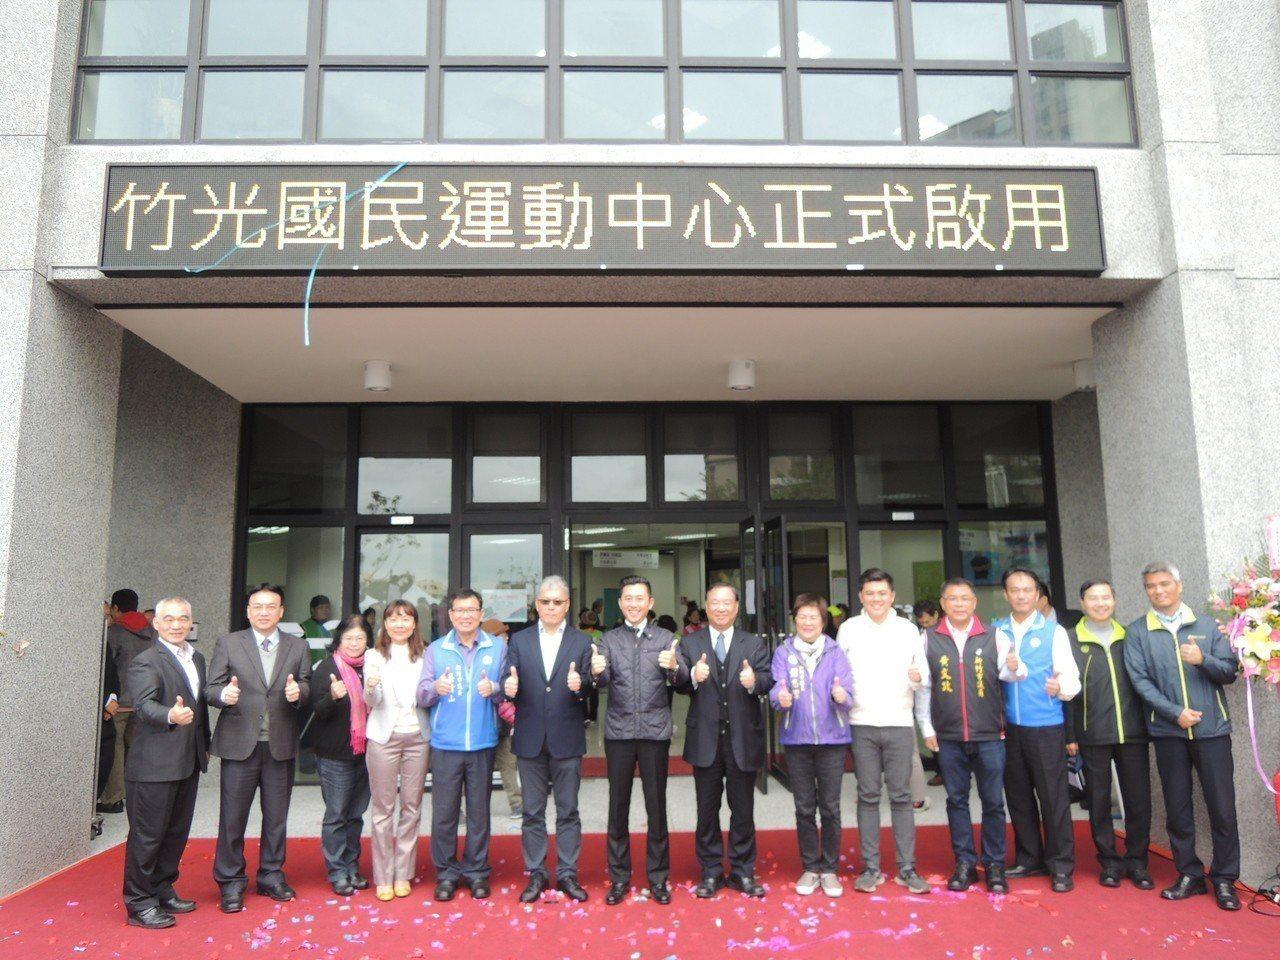 新竹市第二座國民運動中心「竹光國民運動中心」,今天啟動試營運。記者郭宣彣/攝影